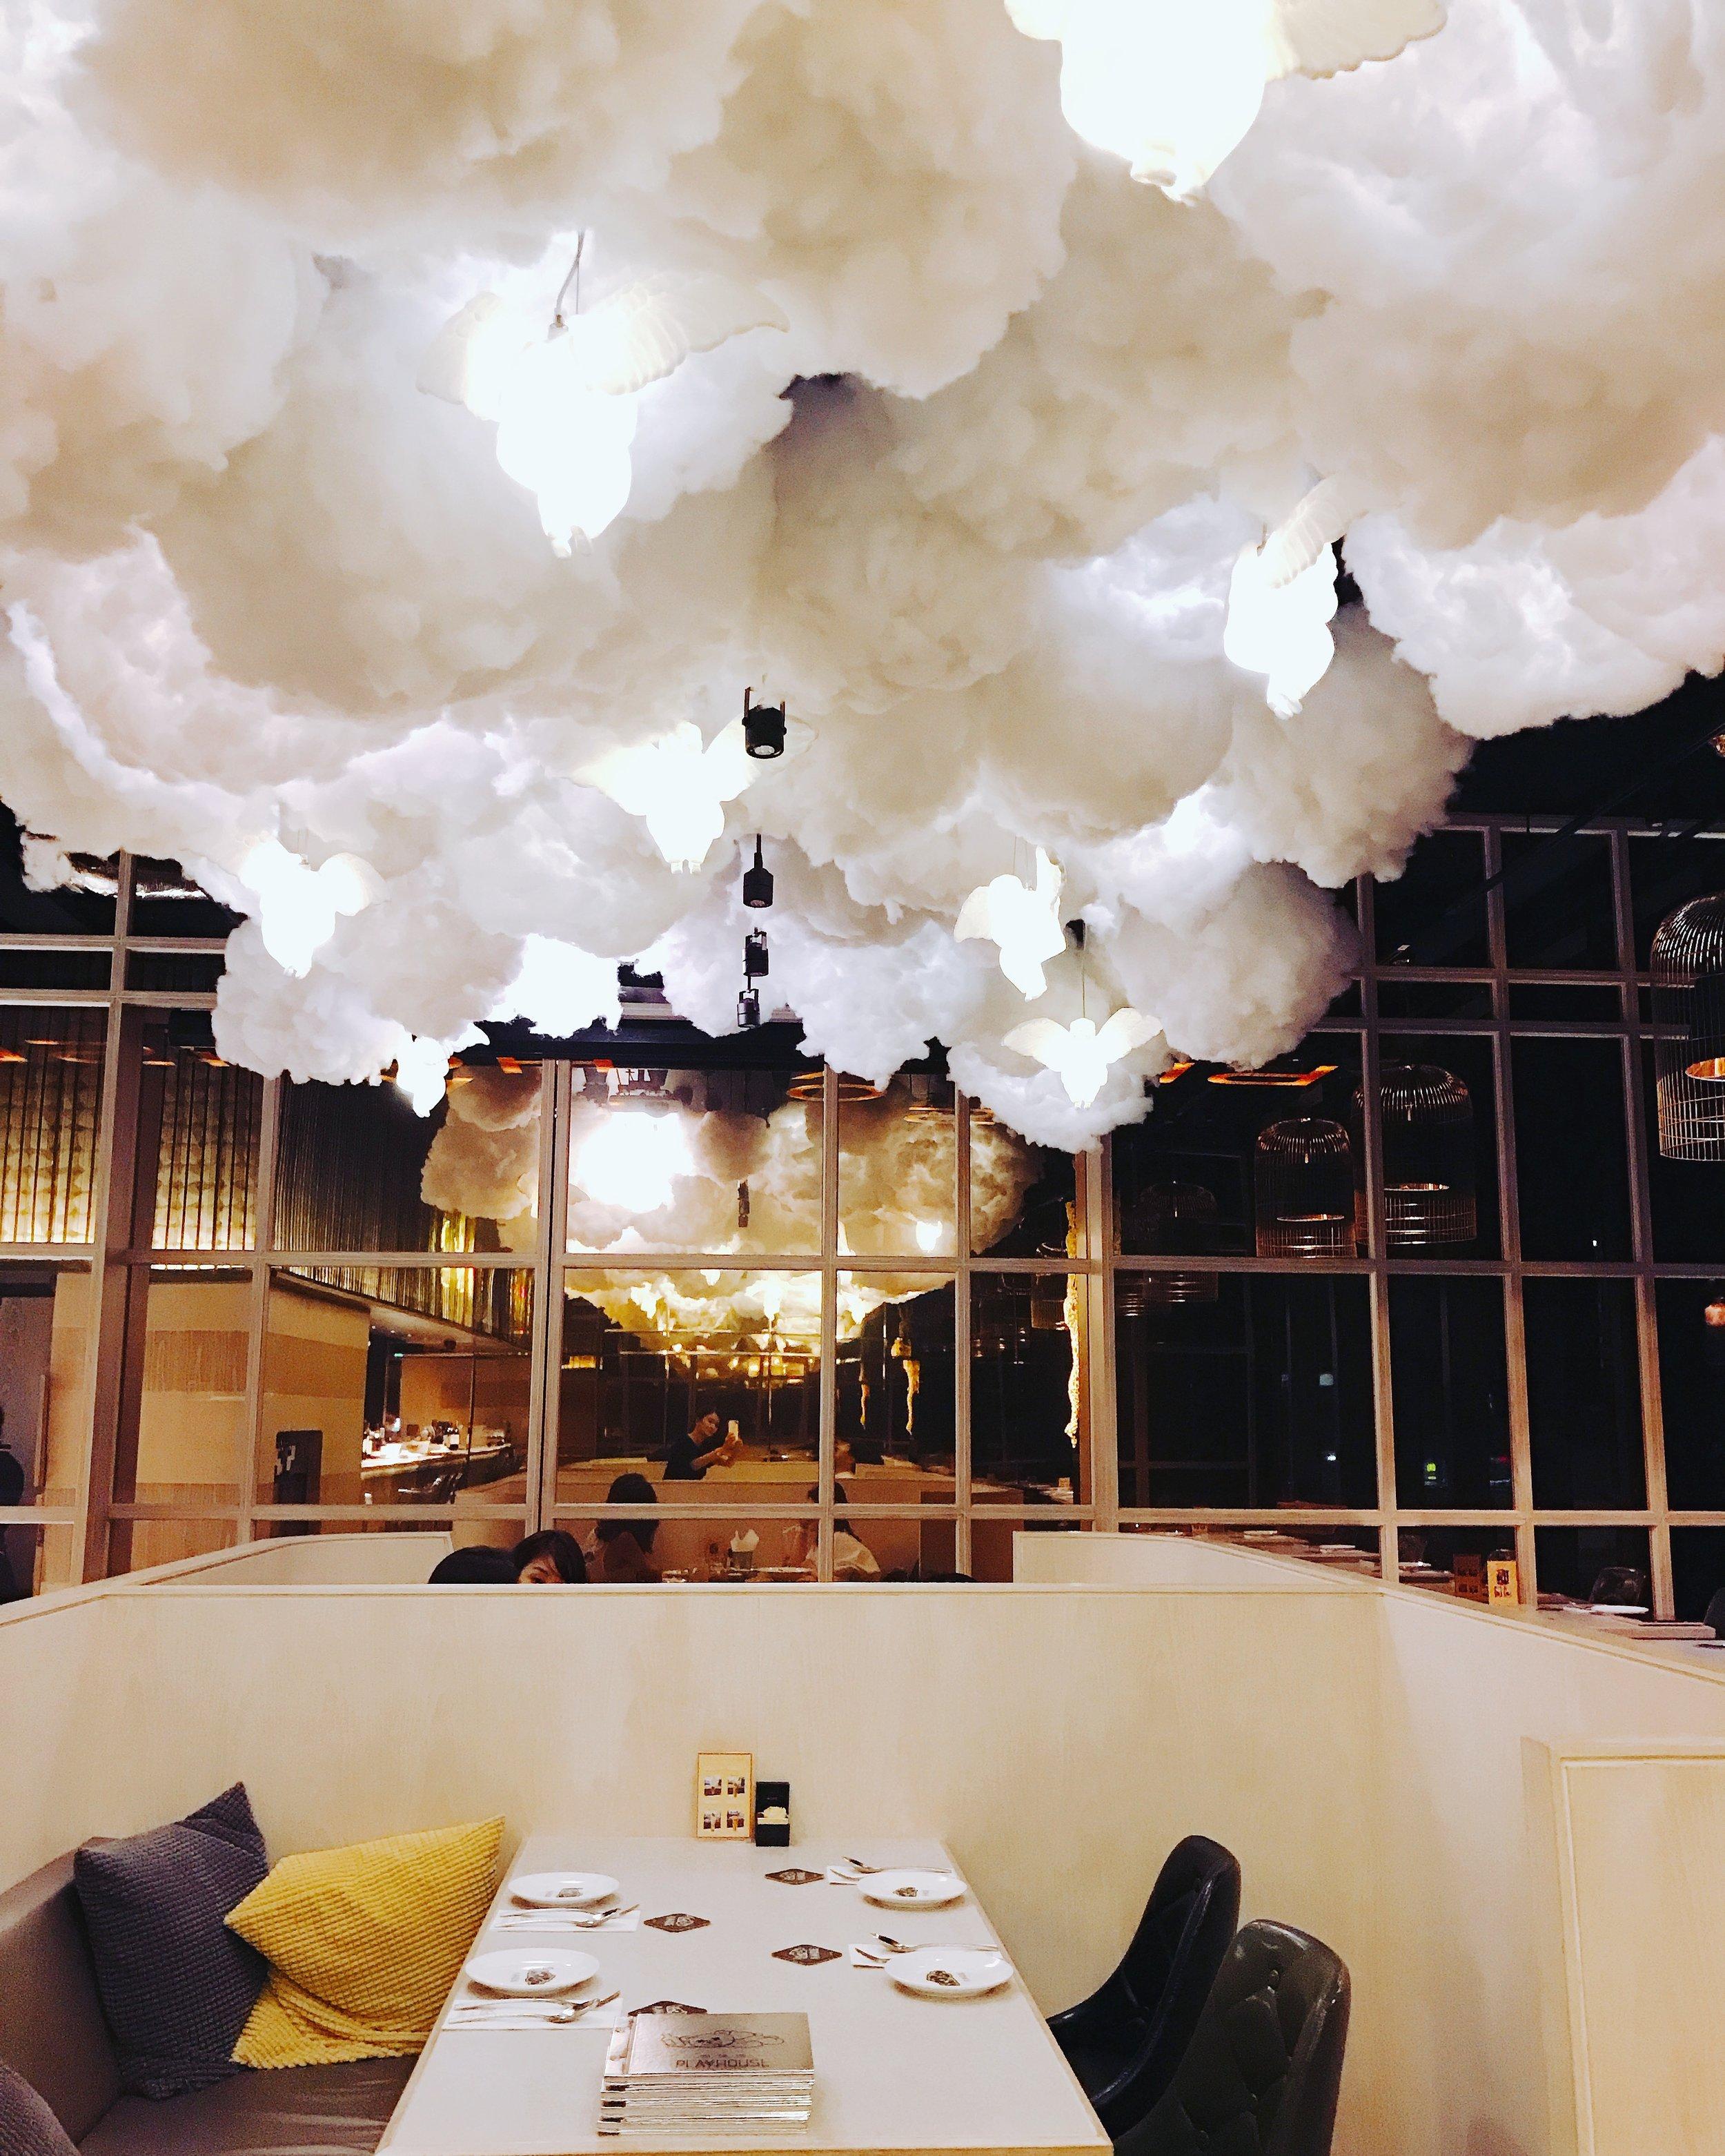 臺北中山|Playhouse 家傢酒餐酒館(大直旗艦店)♡雲朵餐廳 — Abby 蕭珊珊